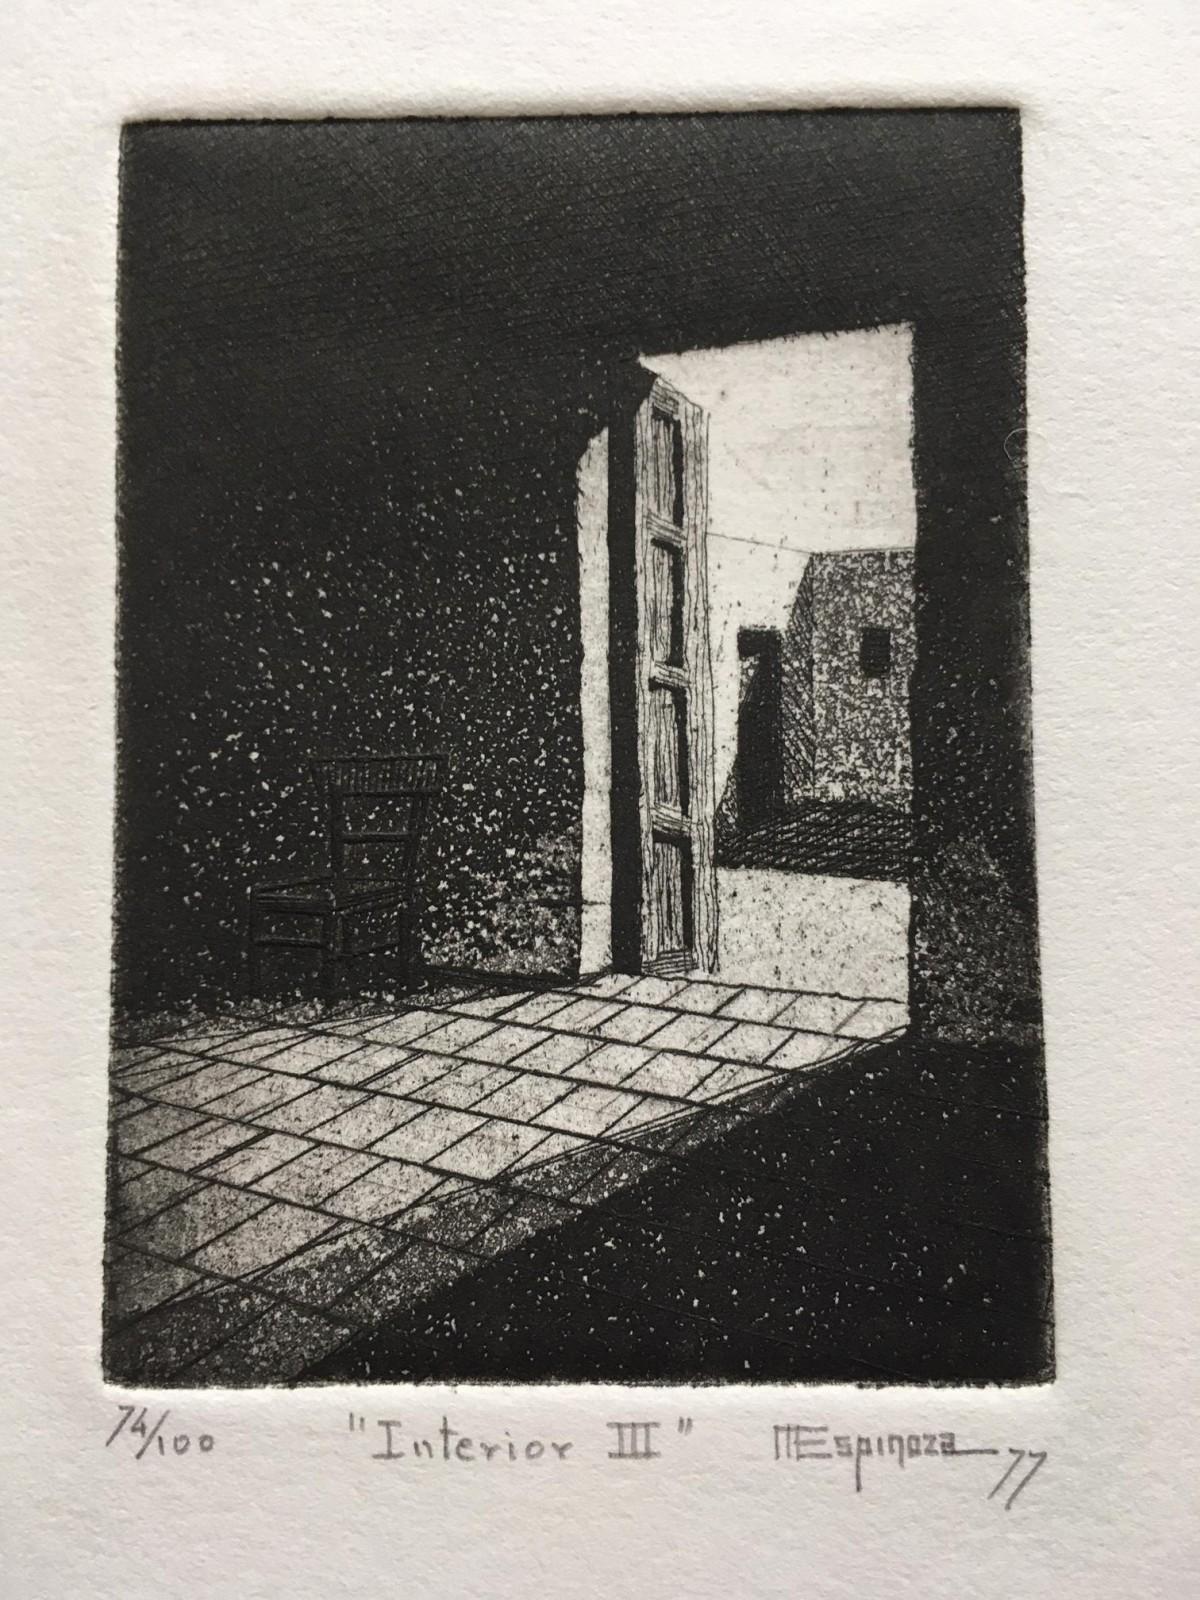 Miguel A. Espinoza - Interior III, Radierung, 1977 kopen? Bied vanaf 35!